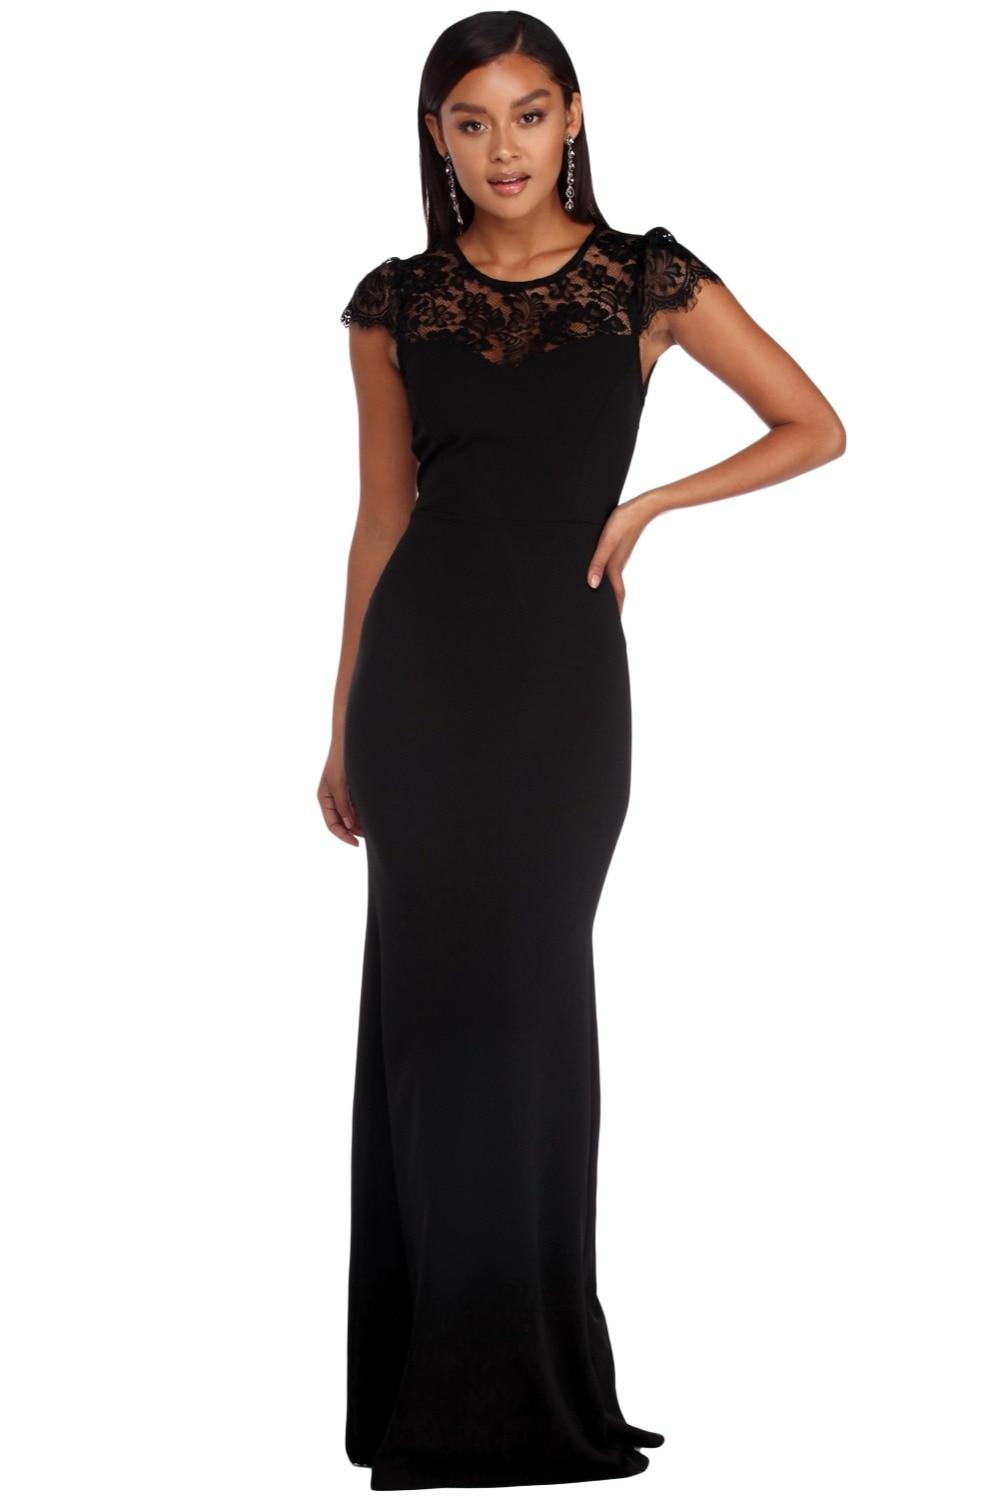 Dlhé čierne spoločenské šaty - EU 36/38 - Obrázok č. 2